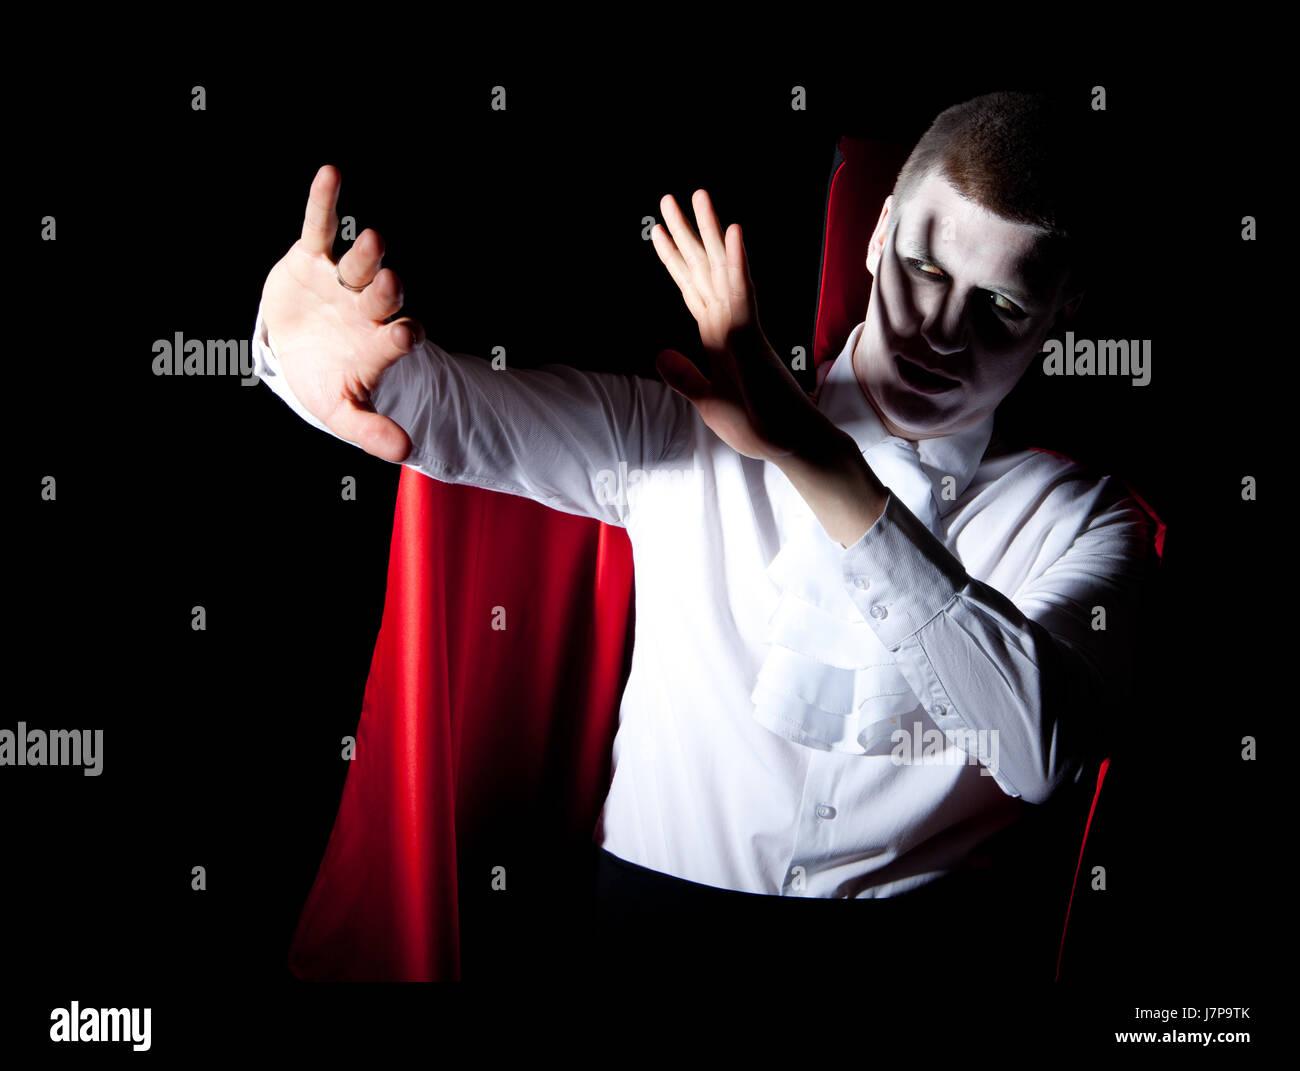 Peligro manos mano dolor proteger protección defensa shaddow vampiro luz sombra Foto de stock